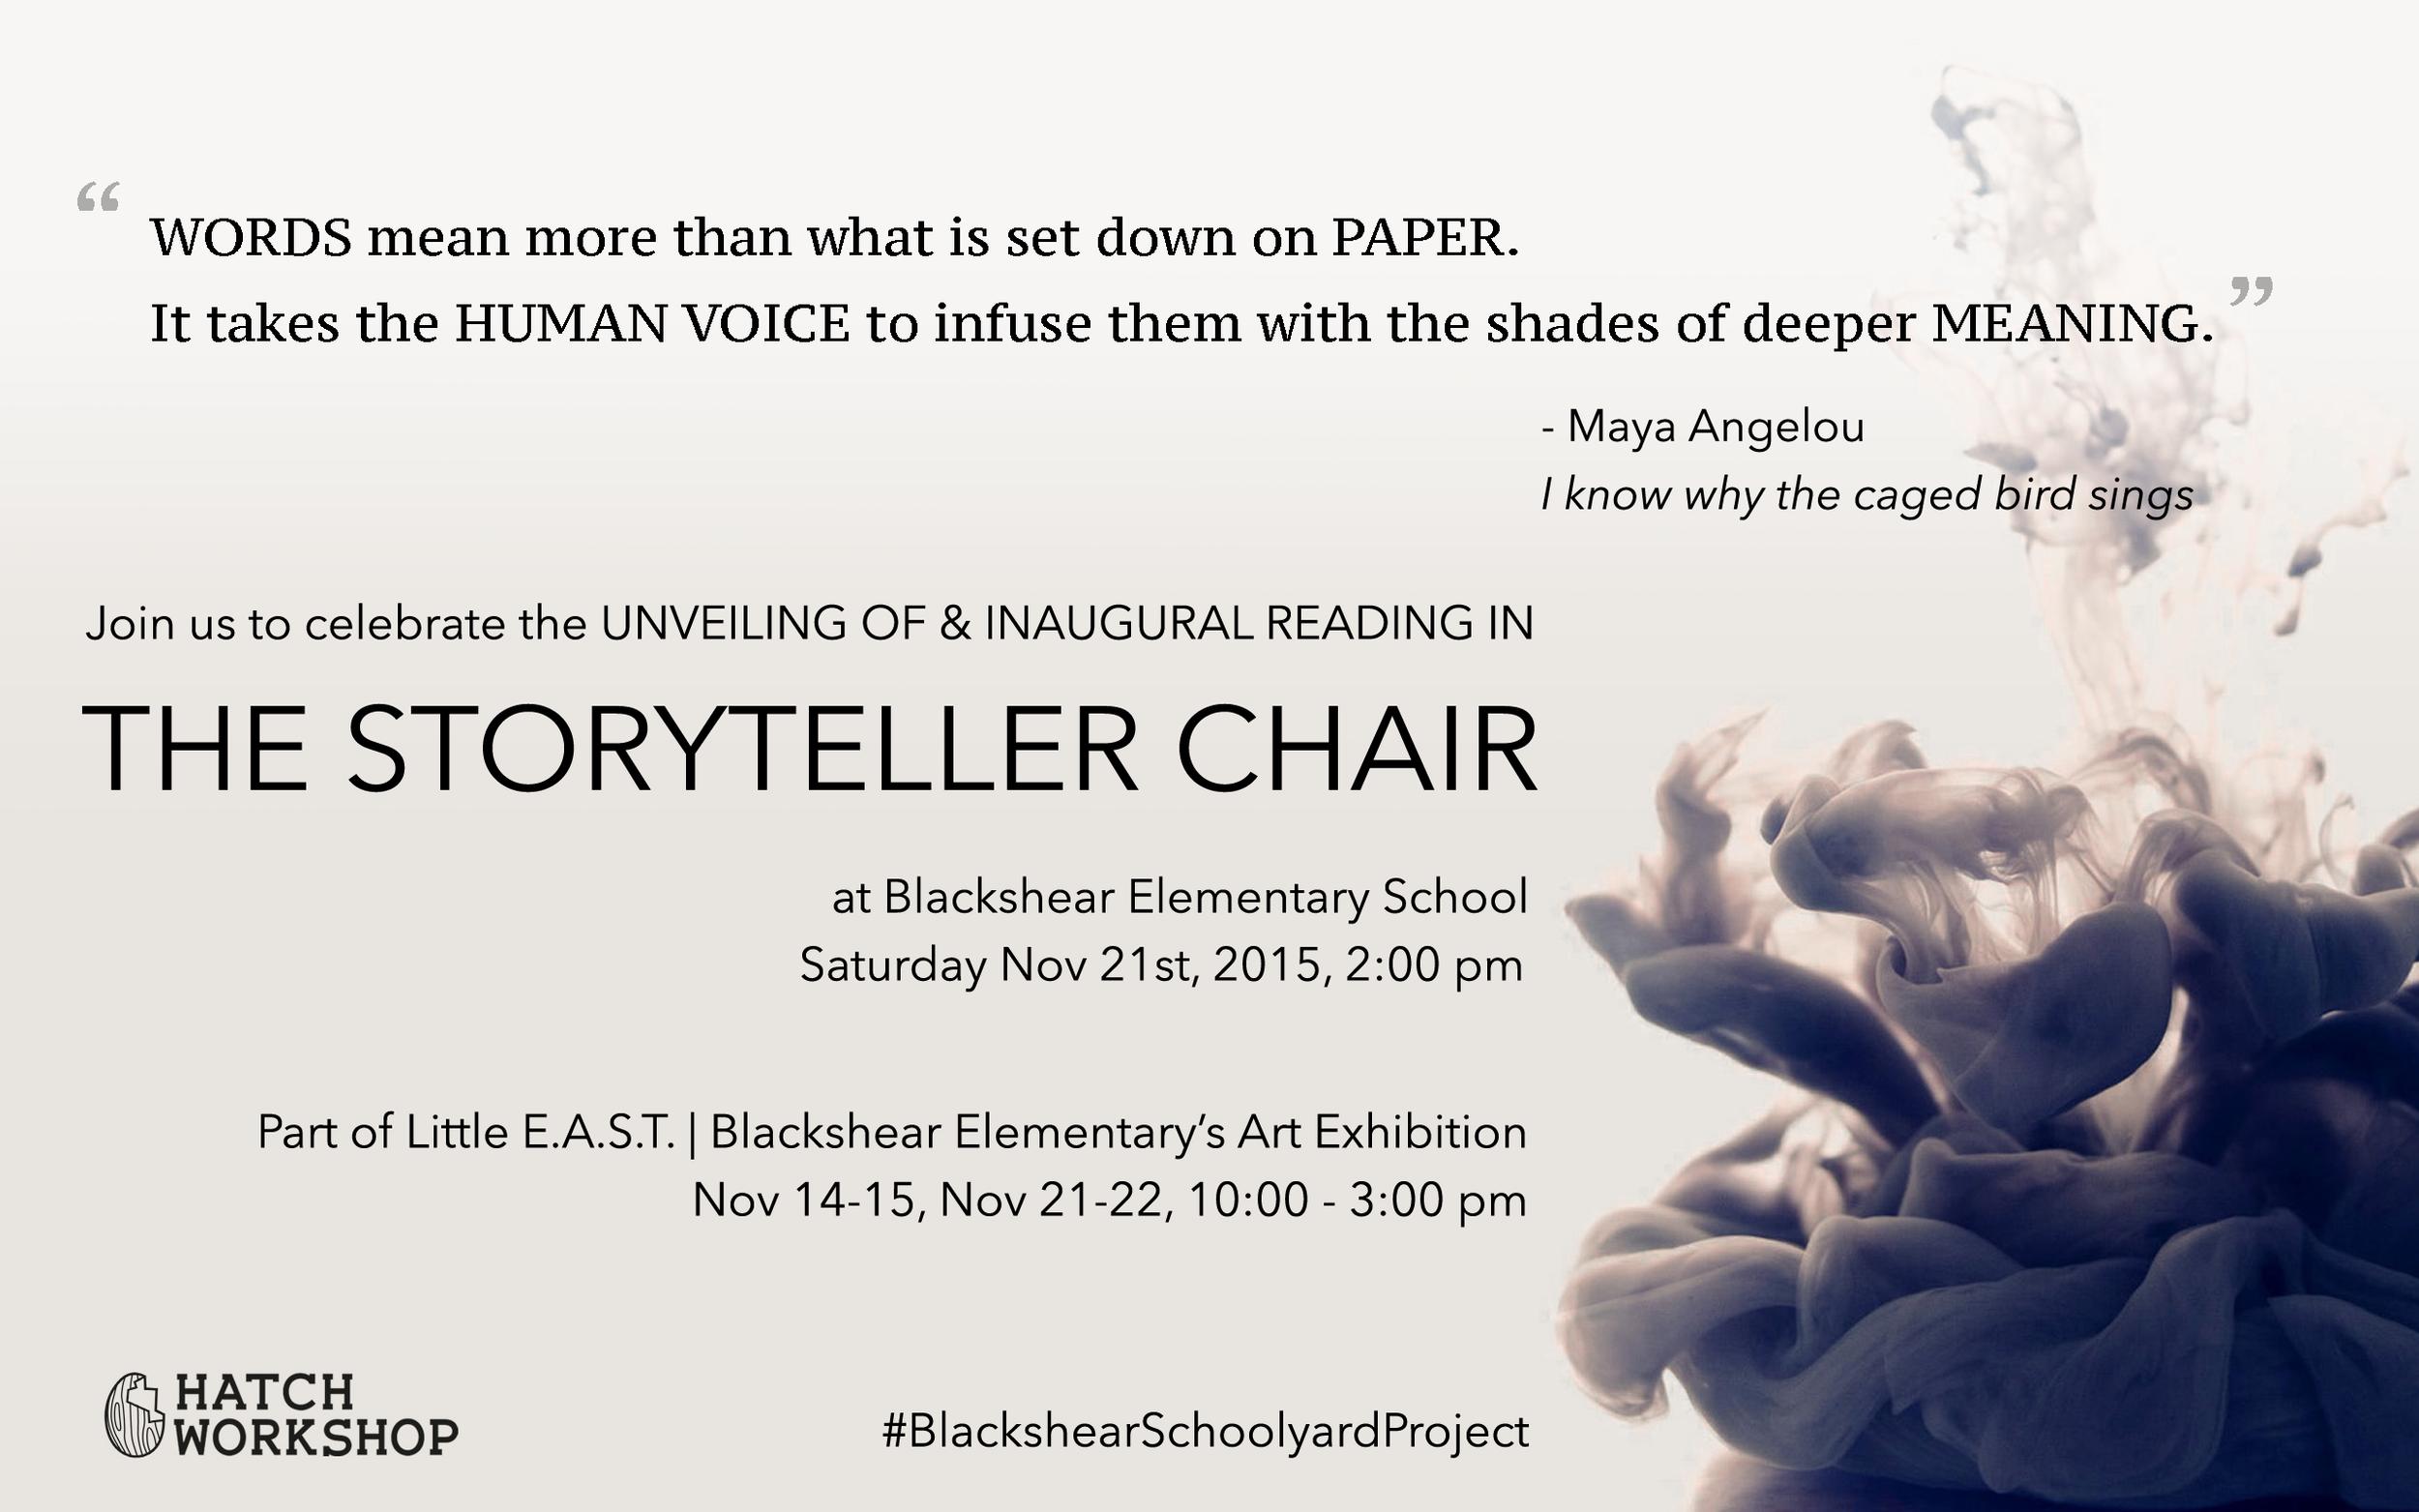 blackshear-storyteller-chair-5.png